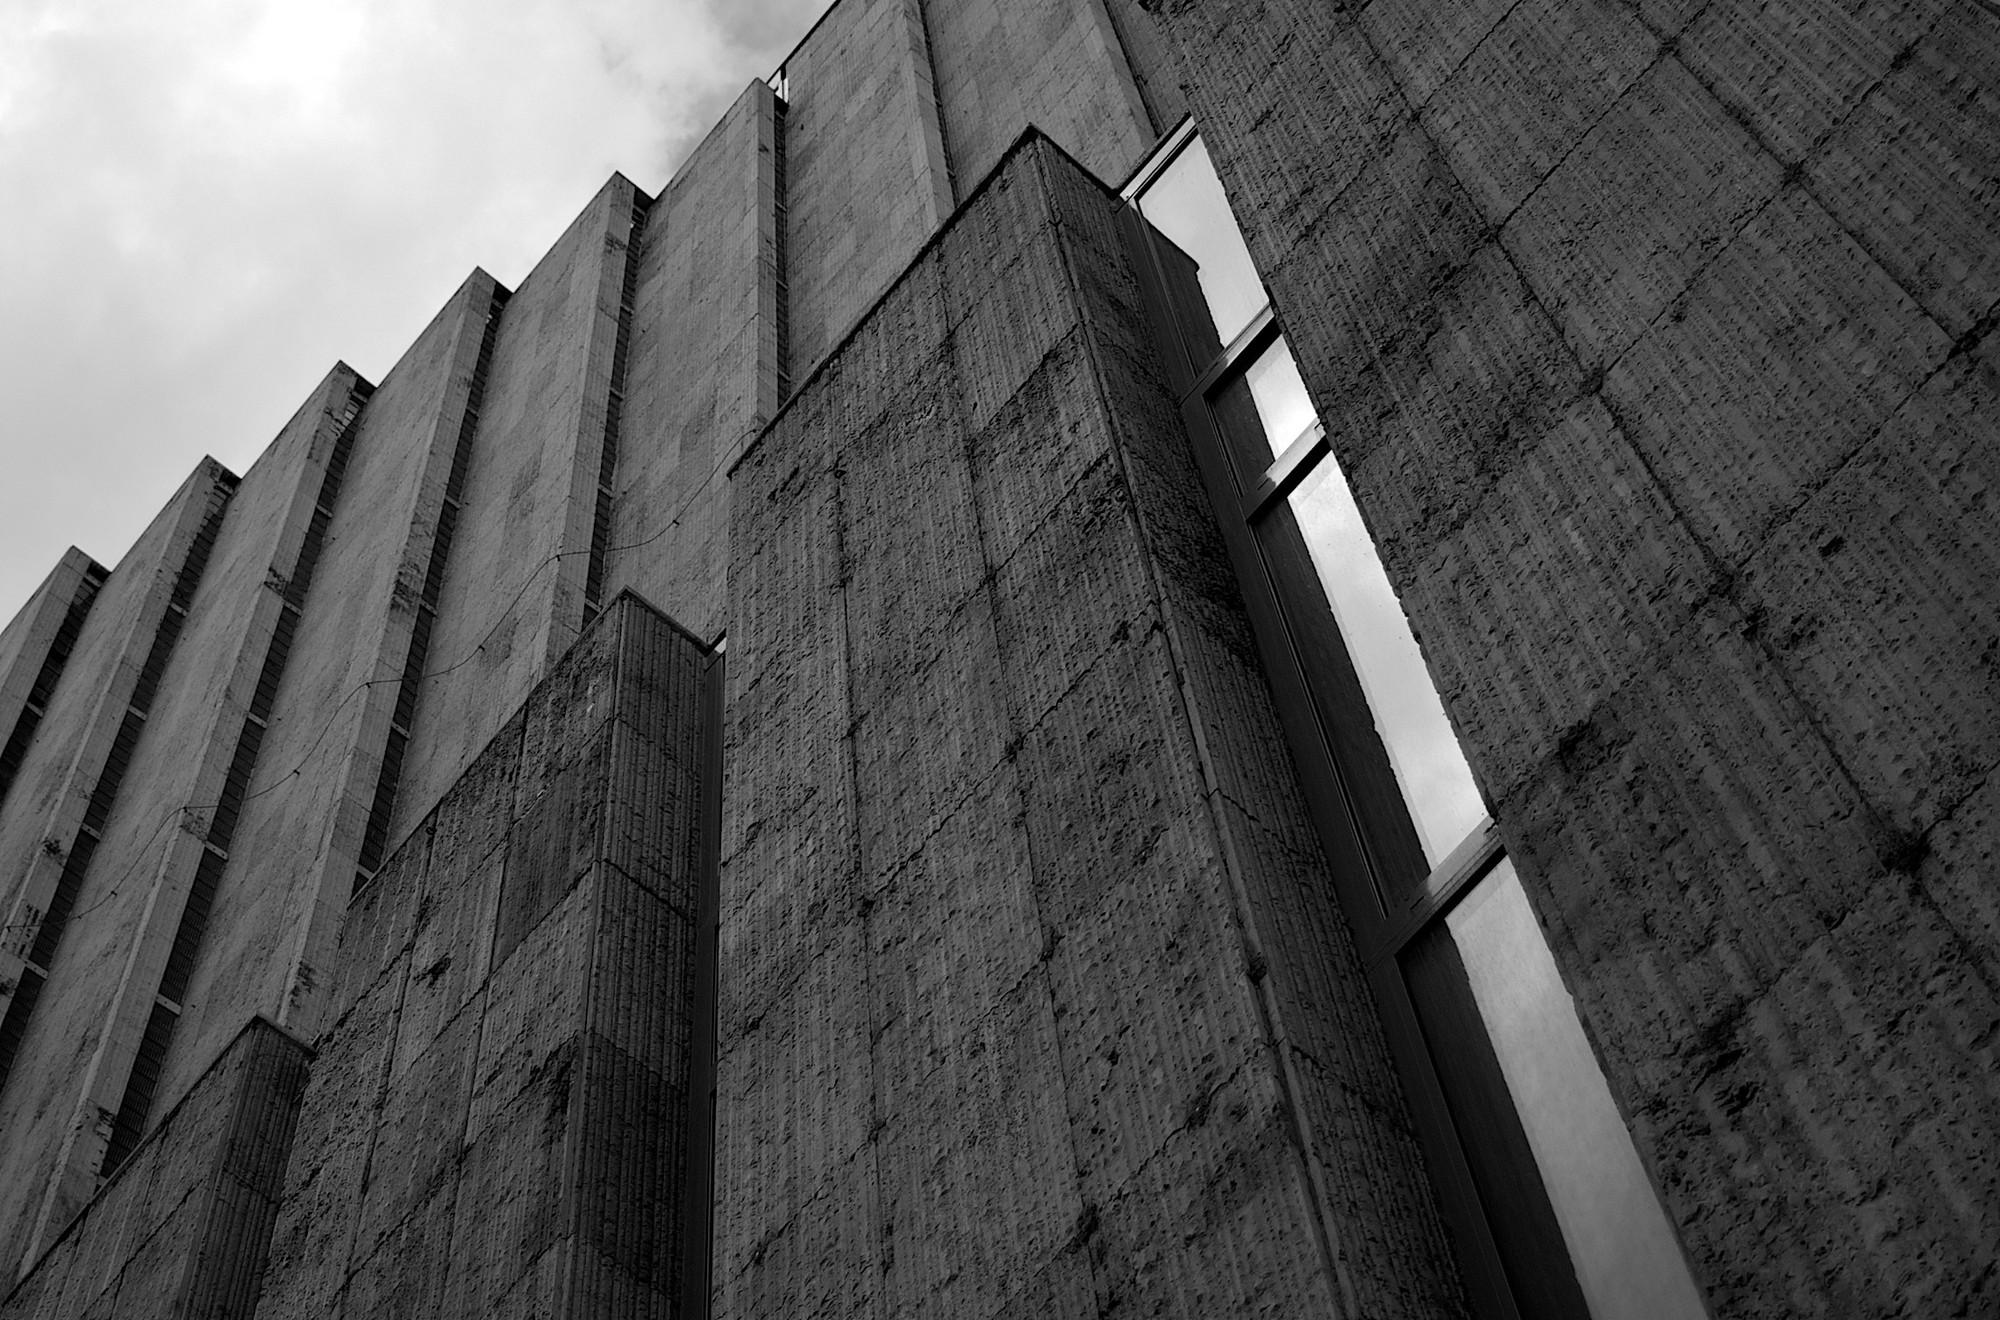 Galer a de fotograf a de arquitectura est ticas de la - Fotografia arquitectura ...